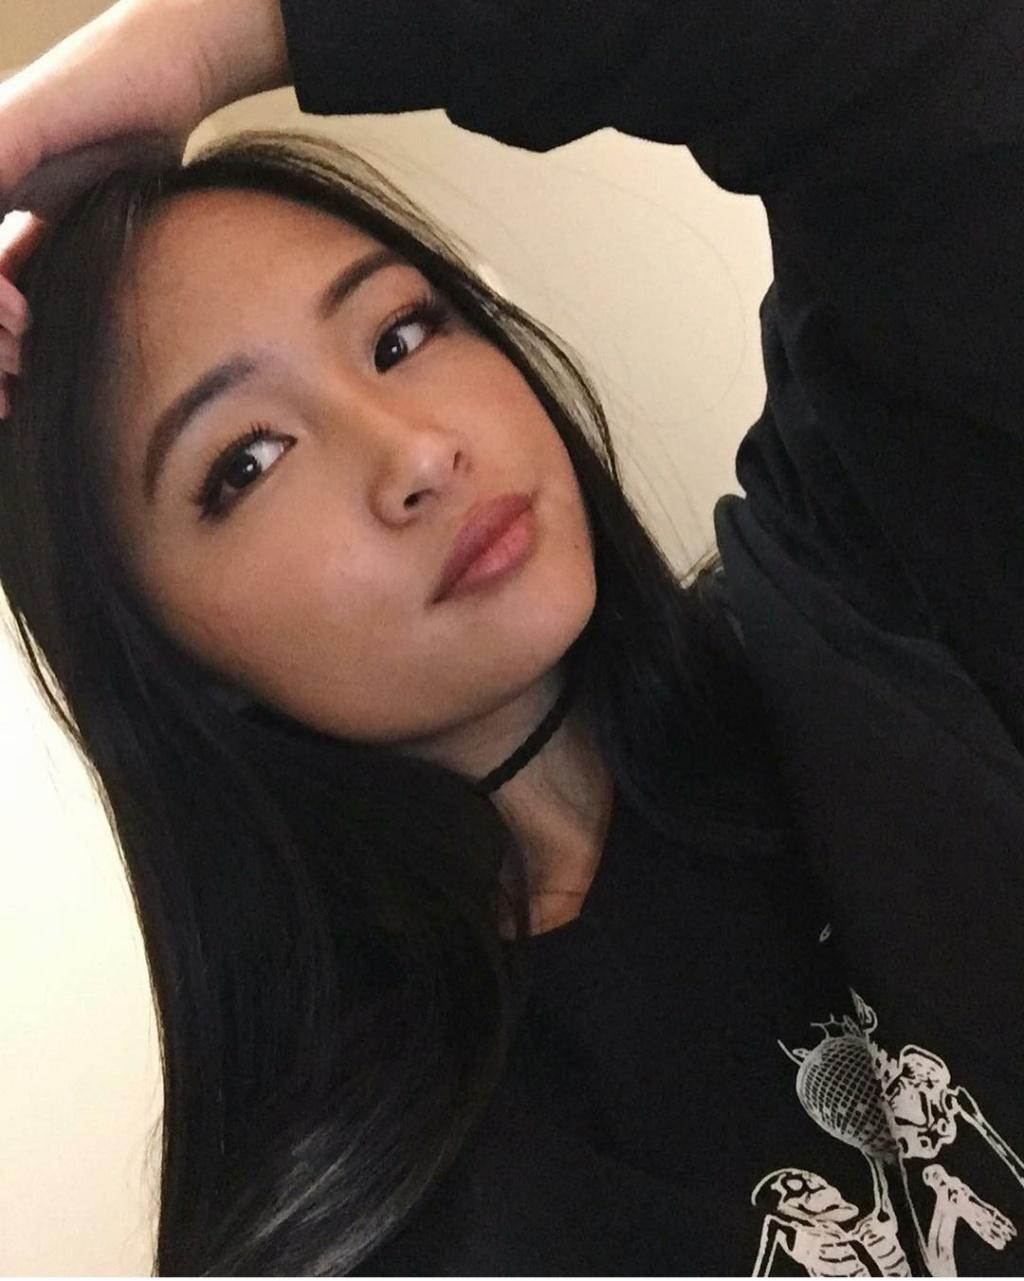 DEBATE sobre belleza, guapura y hermosura (fotos de chicas latinas, mestizas, y de todo) - VOL II - Página 3 Img_1075